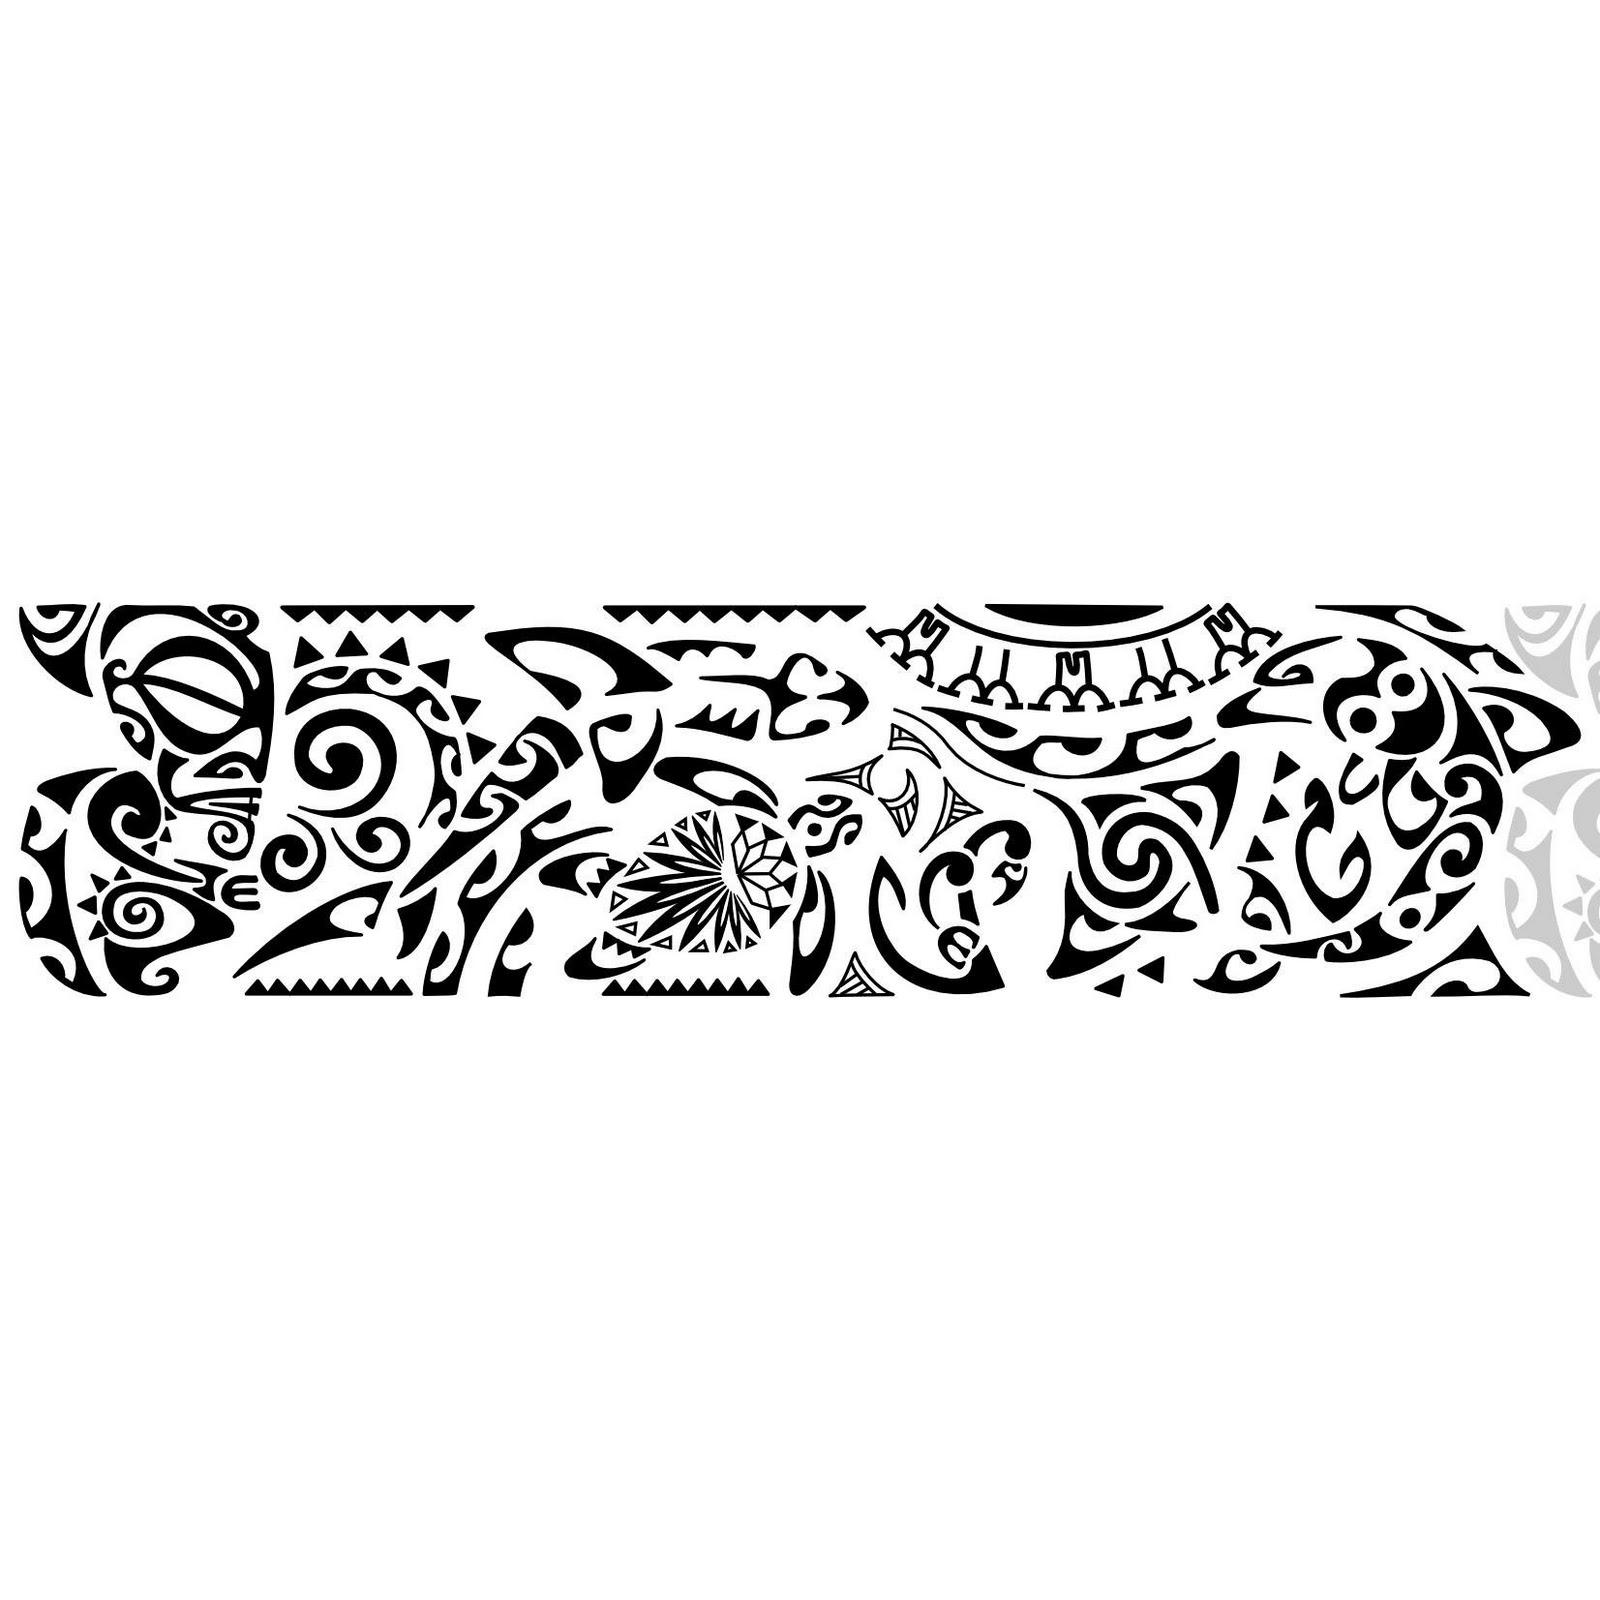 Popolare Blu Sky Tattoo Studio: Maori Significato 80 EX57